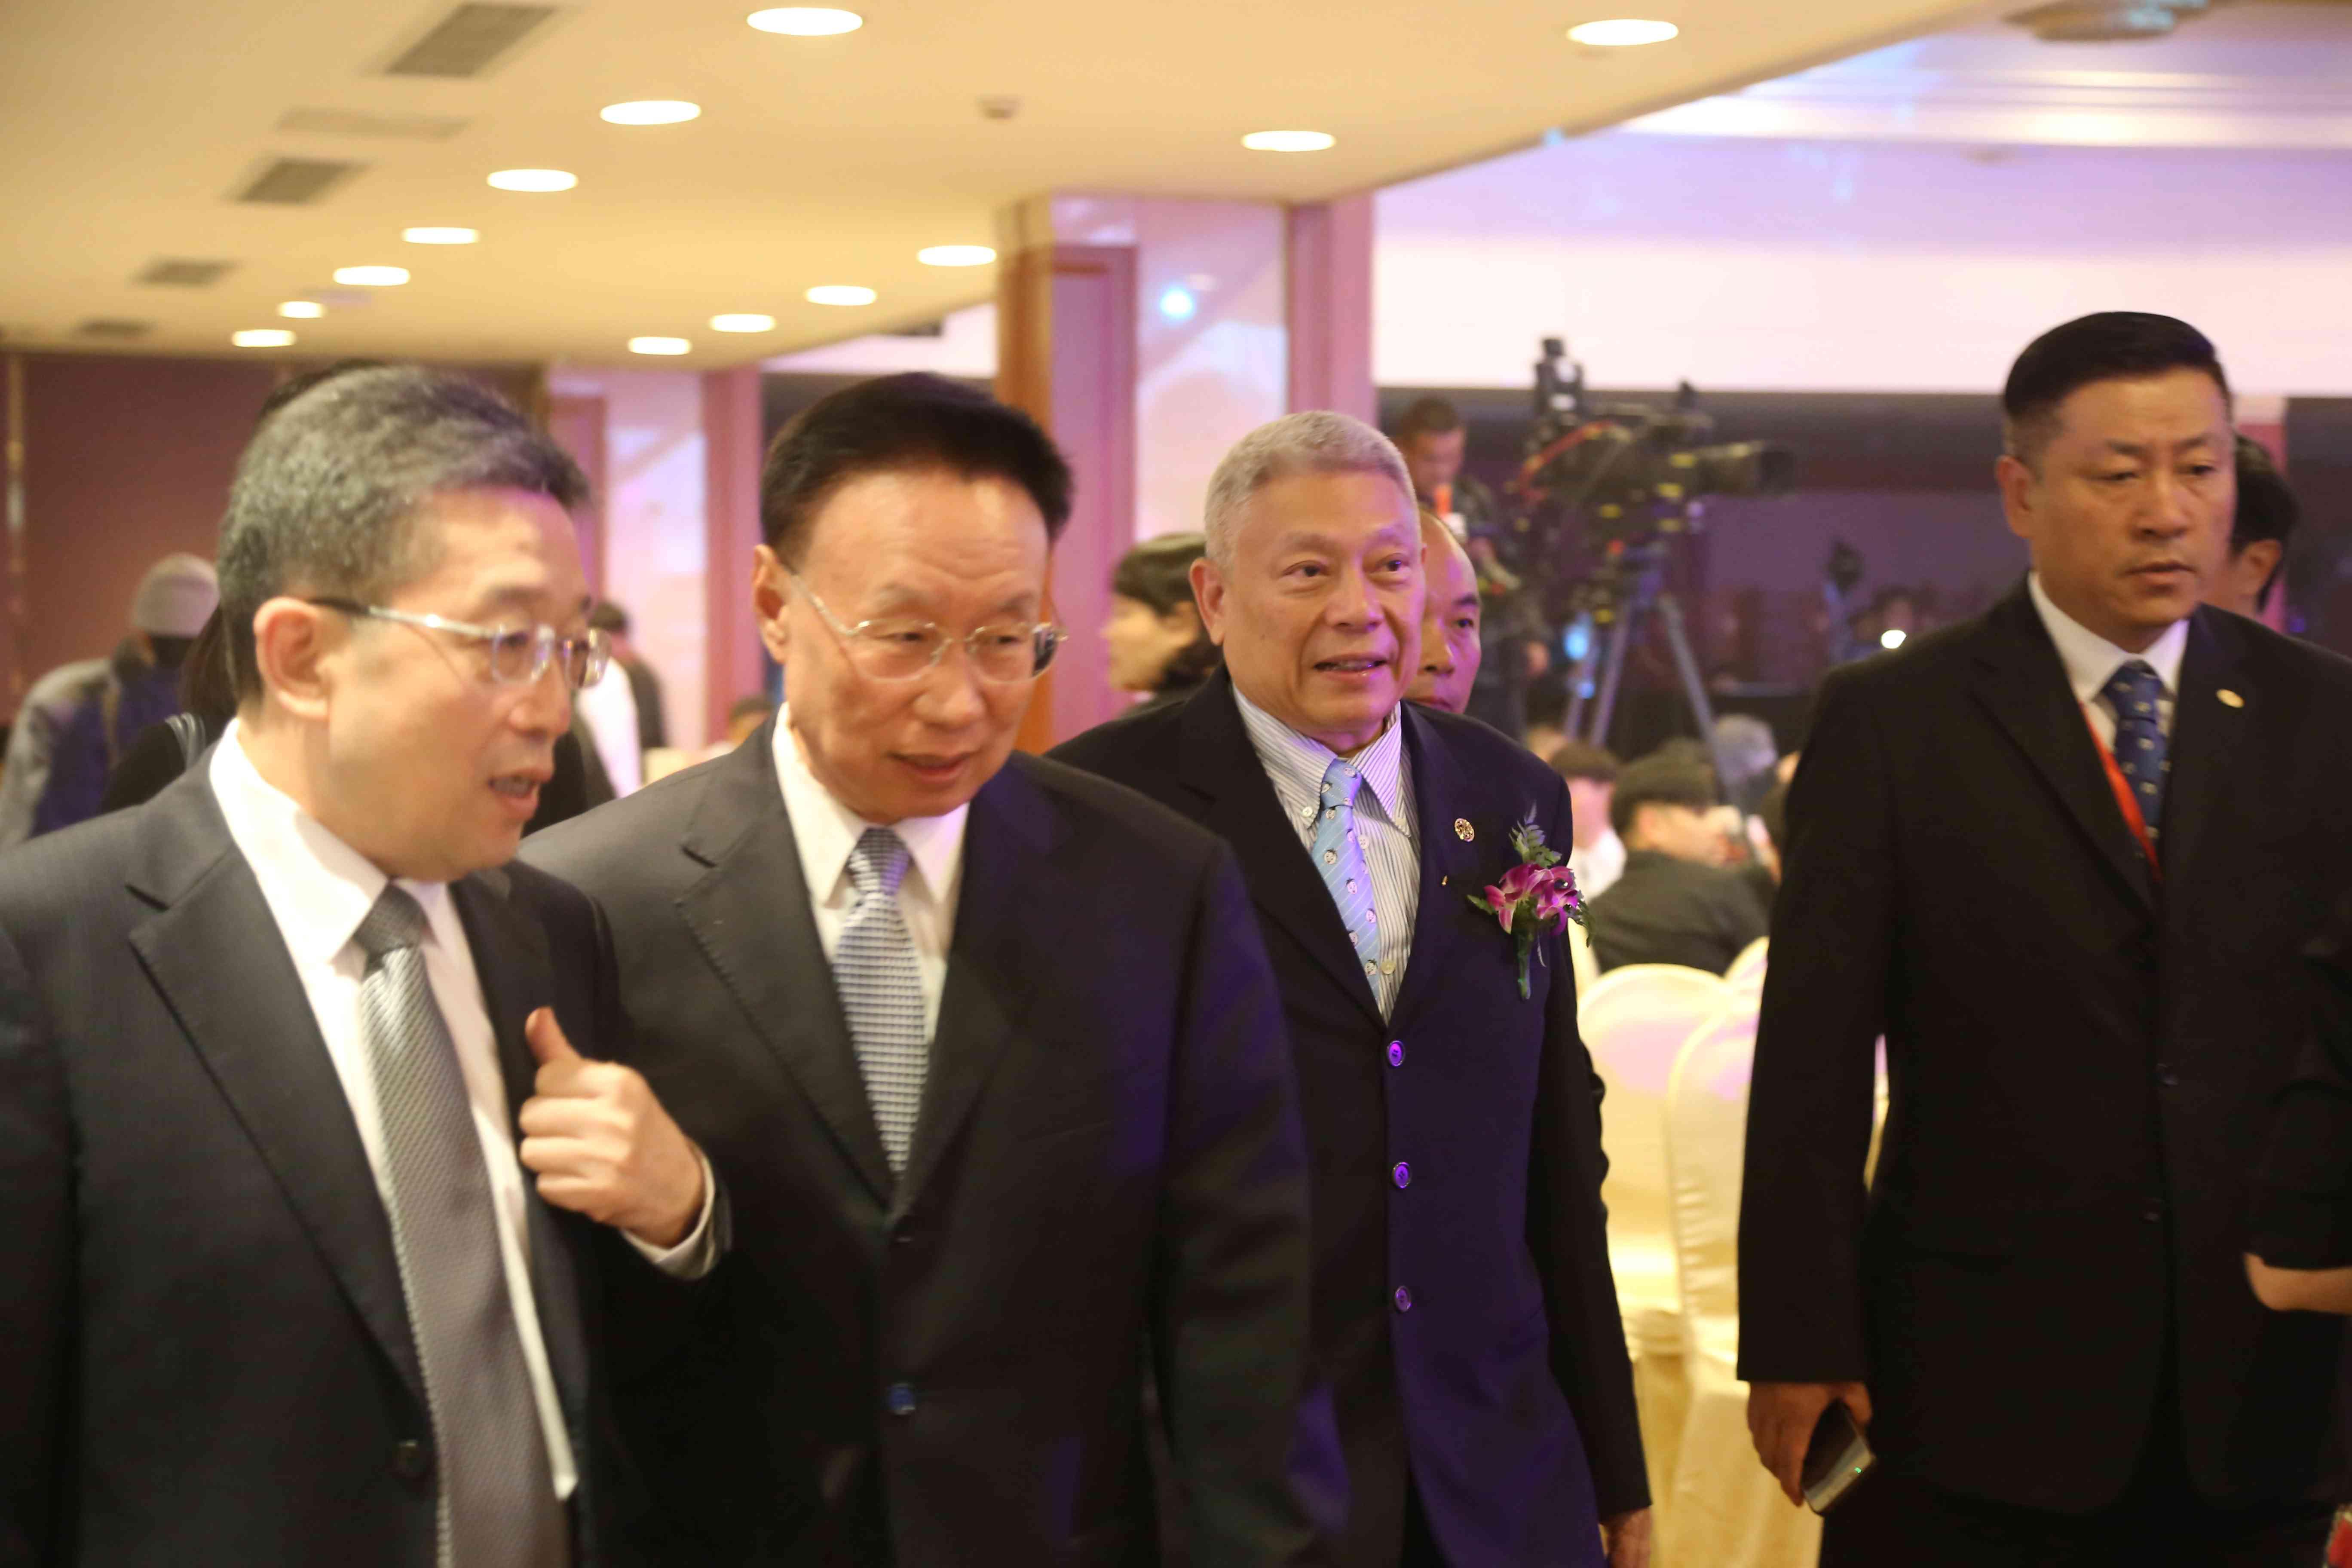 中美关系紧张 旺旺集团董事长吁两岸团结,喊话台民众:不要